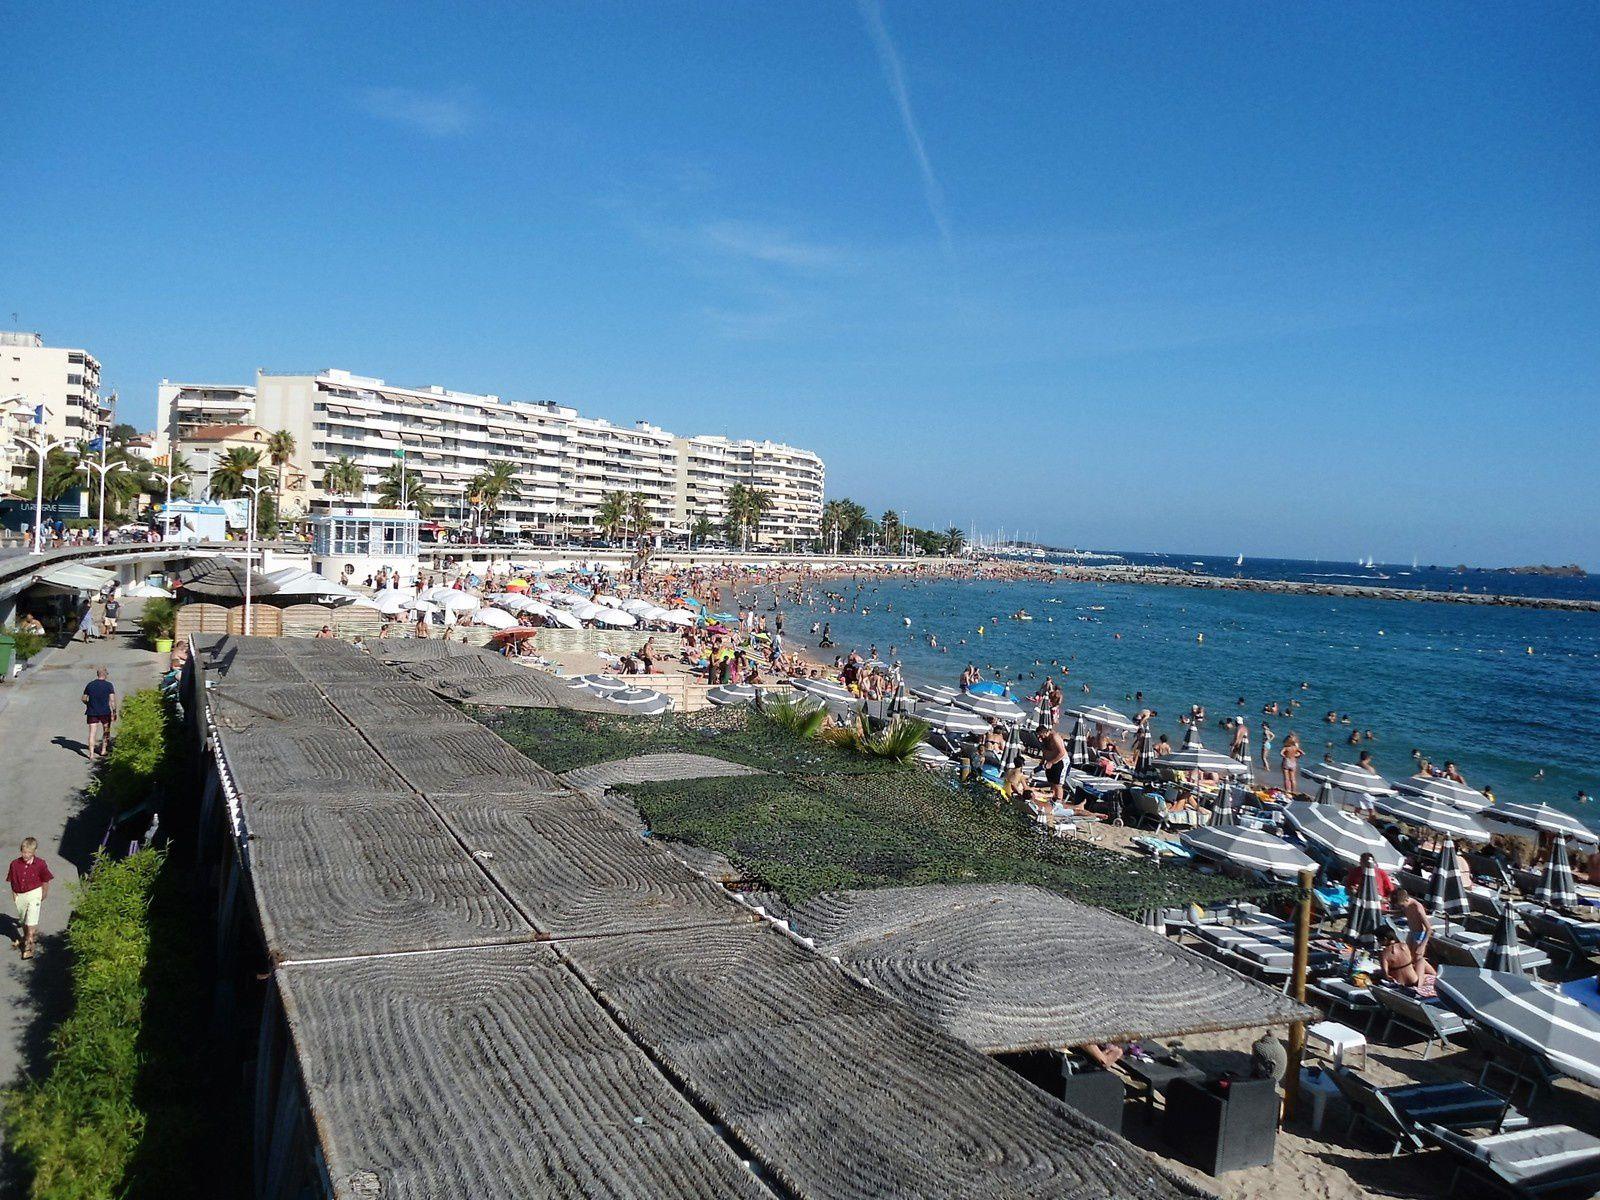 Il y a beaucoup de monde l'été et l'on est un peu les uns sur les autres car la plage n'est pas très grande.